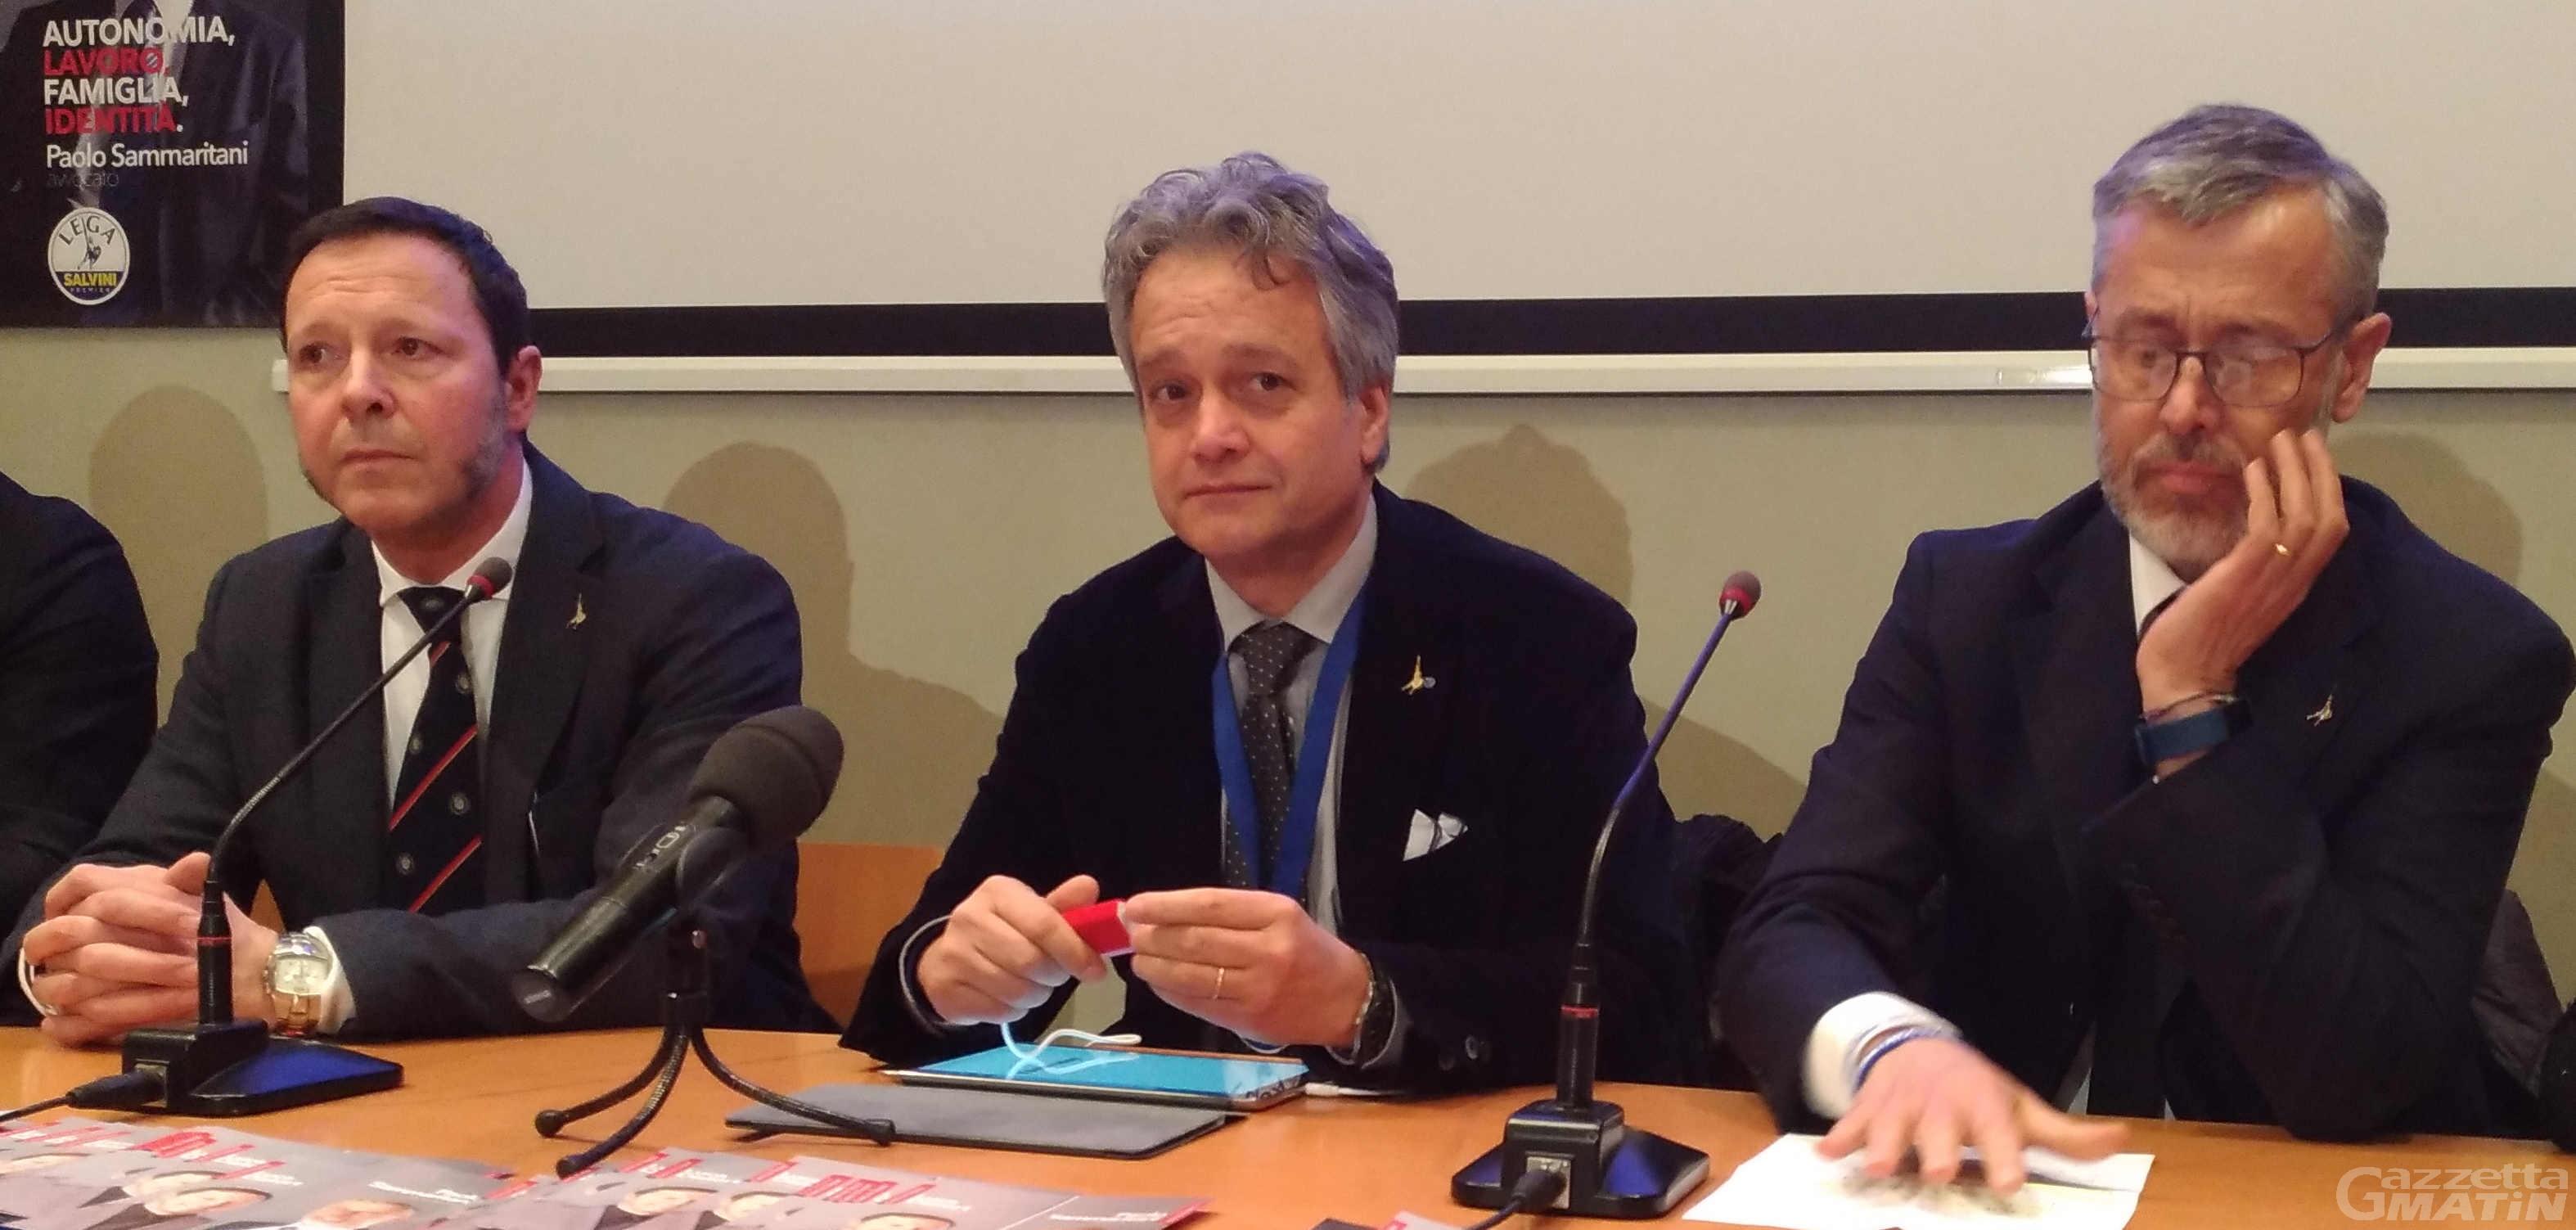 Lega Nord: regole e rispetto per uno Stato che funzioni